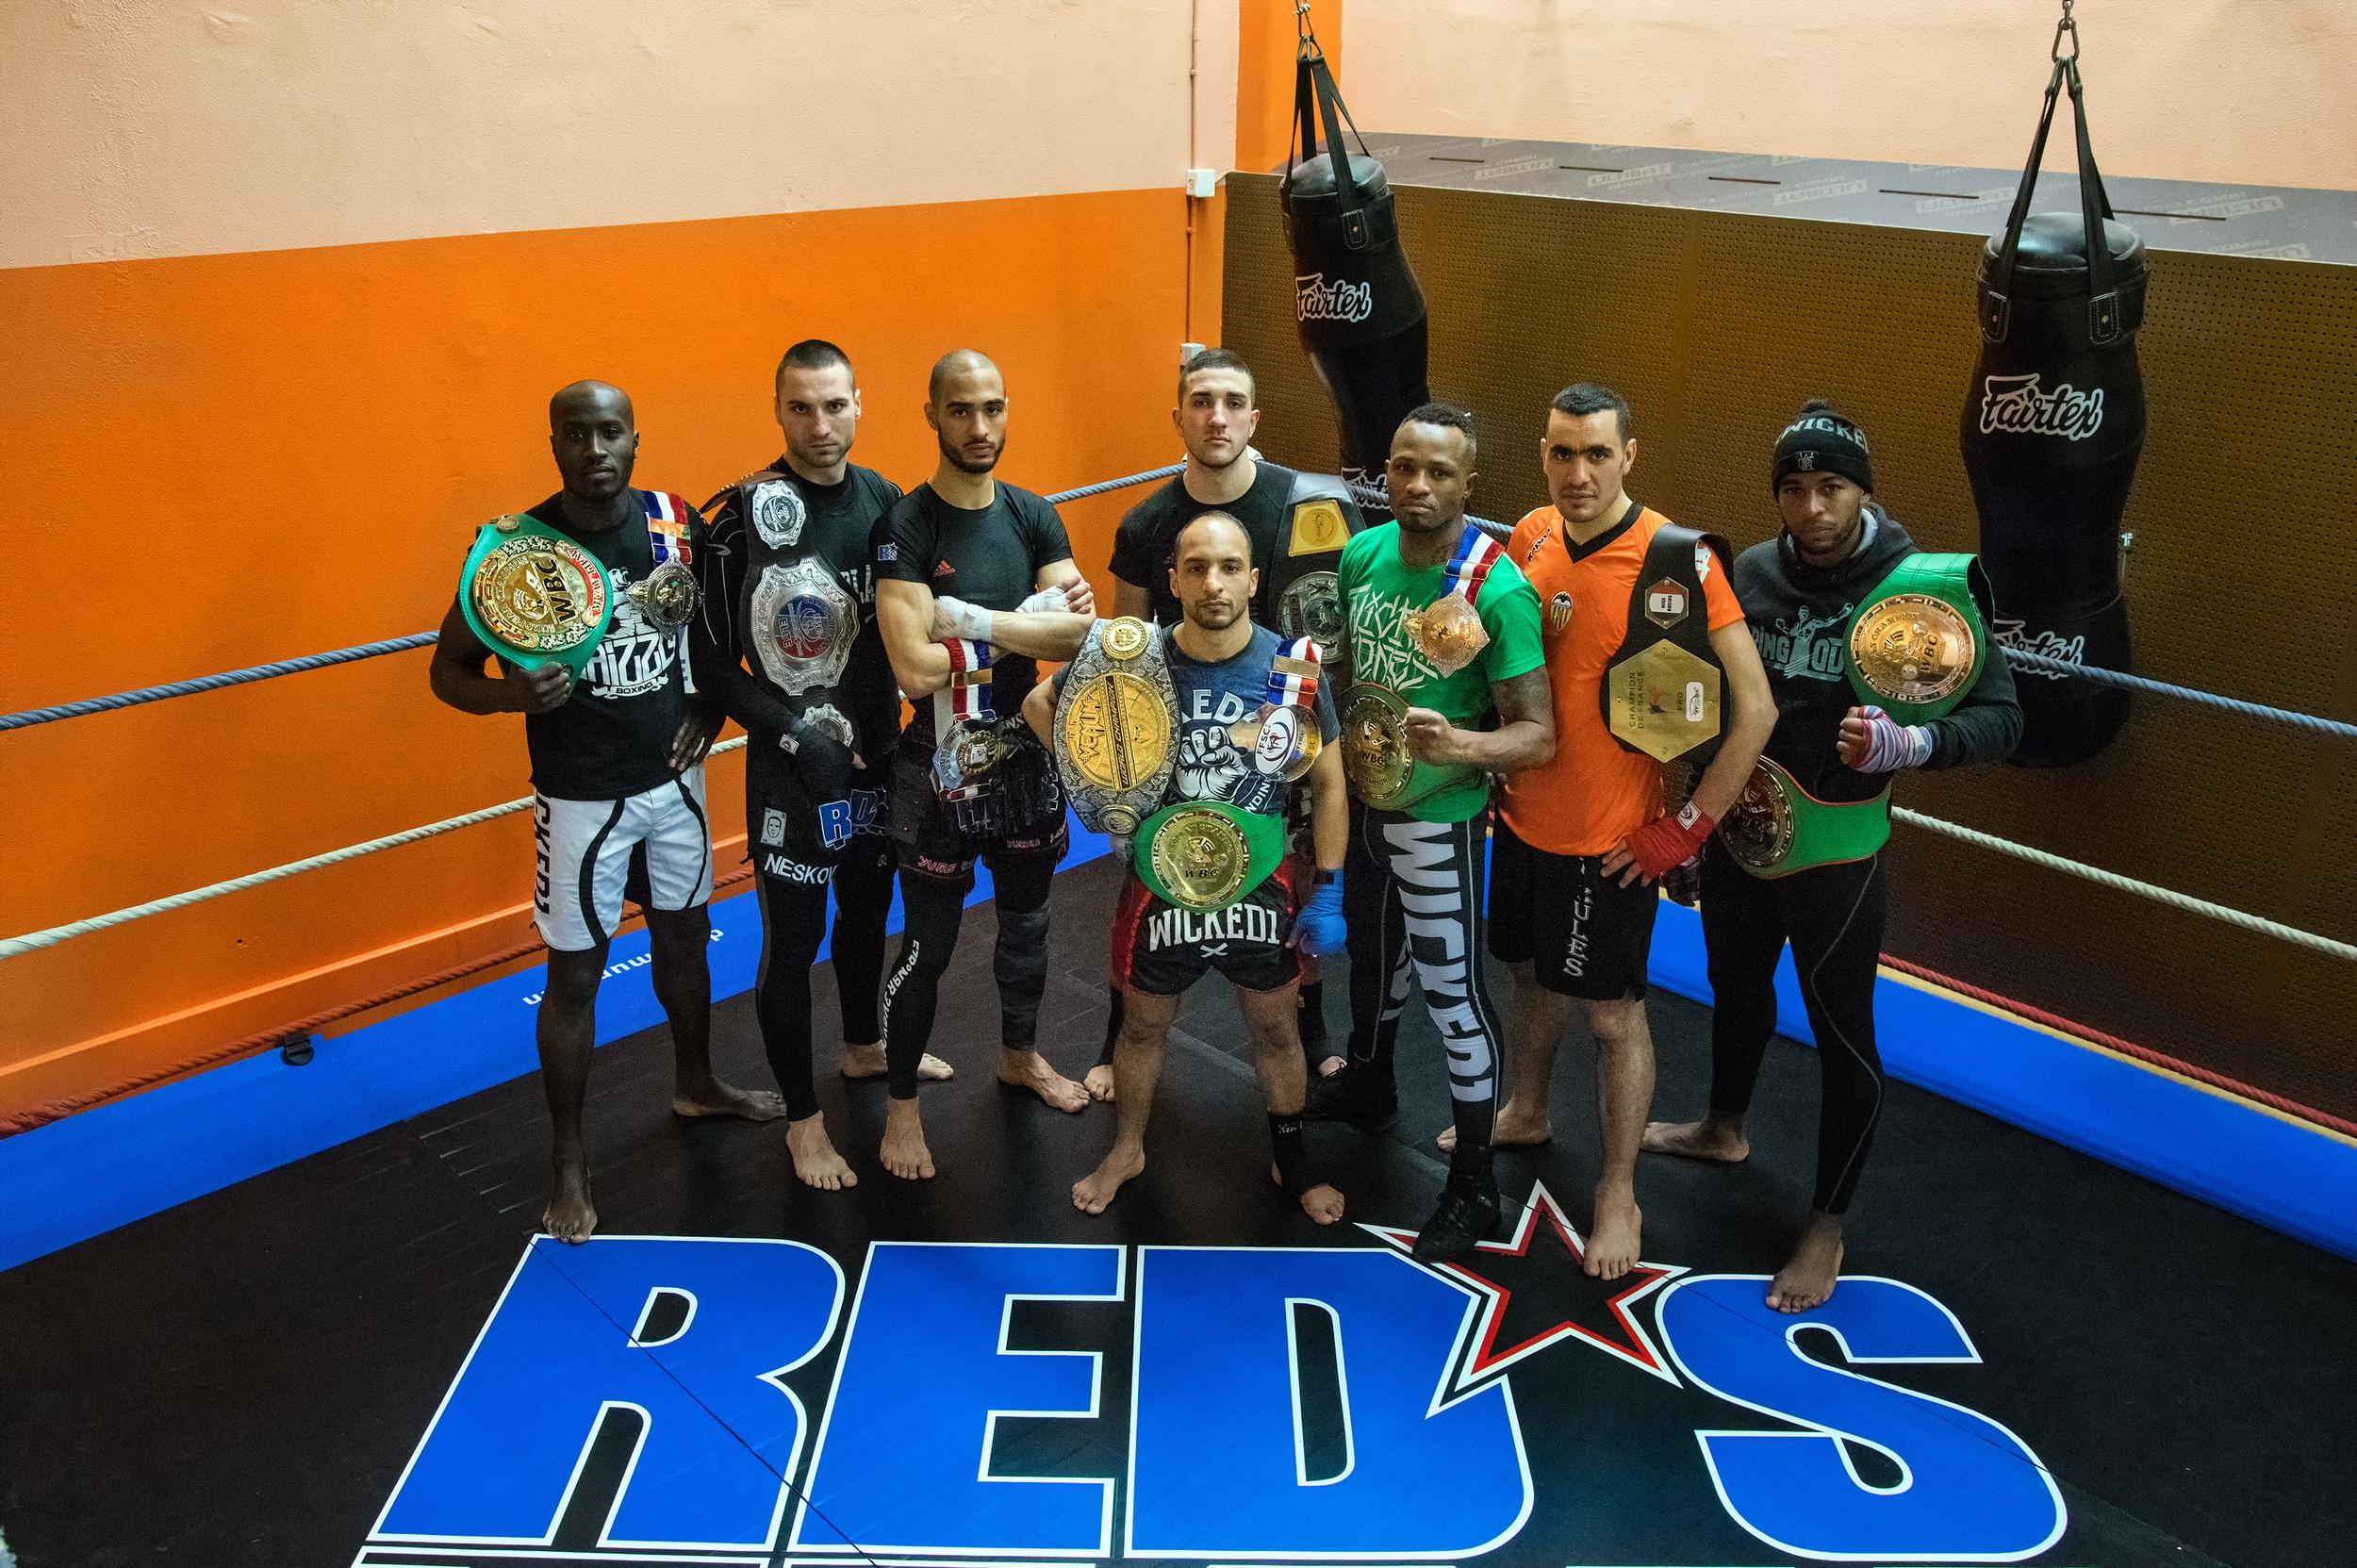 """. Redha """"RED'S"""" SADOUKI  - Coach RED'S TEAM  . Djibril """"Grizzly"""" EHOUO  (Champion de France Pro de Muay Thaï -81 kg / Champion d'Europe Pro de Muay Thaï WBC -75 kg et -80 kg)  . Milos NESKOVIC  (Champion de France Pro de K-1 Rules -86 kg / Multiple Champion de Serbie de Full Contact, de Kick-Boxing et de K-1 Rules / Vainqueur de la Coupe du Monde de K-1 Rules 2012)  . Nasir-Uddine """"Nass / Yume Oïbito"""" LAHOUICHI  (Champion de France de Kick-Boxing et de Sanda -75 kg)  . William Daniel ALMEIDA  (Champion de France Junior de Kick-Boxing, de K-1 Rules, de Muay Thaï et de Sanda -81 kg / Champion d'Europe Senior Amateur de Kick-Boxing WKF -86 kg)  . Mohamed BOUCHAREB  (5 fois Champion de France de Muay Thaï -54 kg / Champion d'Europe Pro de Muay Thaï WBC -54 kg)  . Johane """"Magicien / Artiste"""" BEAUSEJOUR  (2 fois Champion de France Pro de Muay Thaï -75 kg / Champion de France Pro de K-1 Rules -75 kg / Champion Intercontinental de Muay Thaï WPMF -75 kg / Champion Intercontinental de Boxe Kun Khmer -72 kg / Champion du Monde de Boxe Arabe -75 kg)  . Mohamed ALLOUNE  (Champion de France Pro de K-1 Rules -86 kg / Multiple Champion d'Algérie de Full Contact et de Kick-Boxing / Vainqueur des Jeux d'Afrique de Full Contact -81 kg 2007 / Vainqueur du Championnat du Monde WTKA de Full Contact -81 kg 2007 / Vainqueur du Championnat du Monde WTKA de Kick-Boxing -81 kg 2010)  . Wendy """"Chab"""" ANNONAY  (Champion de France Pro de Muay Thaï -75 kg / Triple Champion d'Europe Pro de Muay Thaï WBC -75 kg)  . Chaouqui """"Chouk"""" FERRADJ  - Coach TEAM CHOUK"""